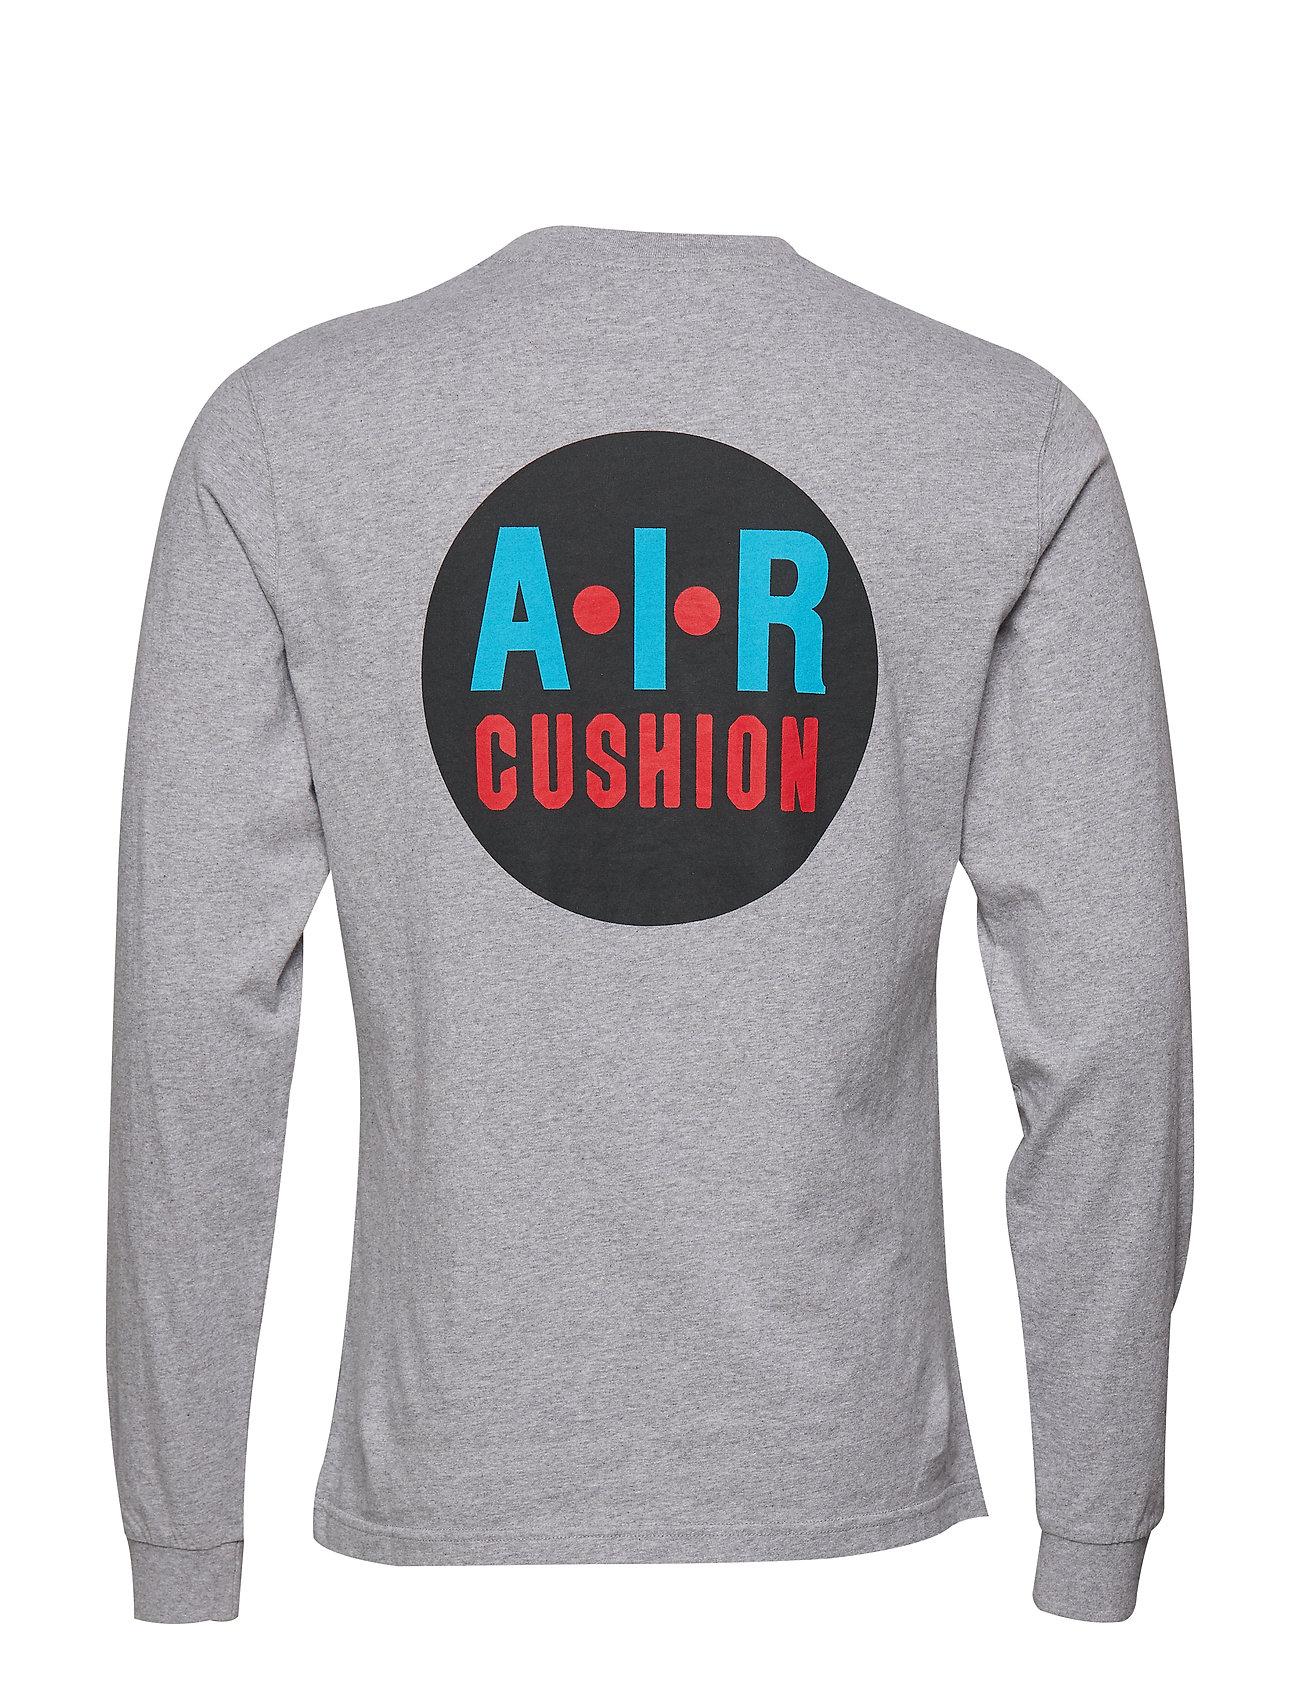 Air Cushion T-shirt (Heather Grey) (200 kr) - Karhu